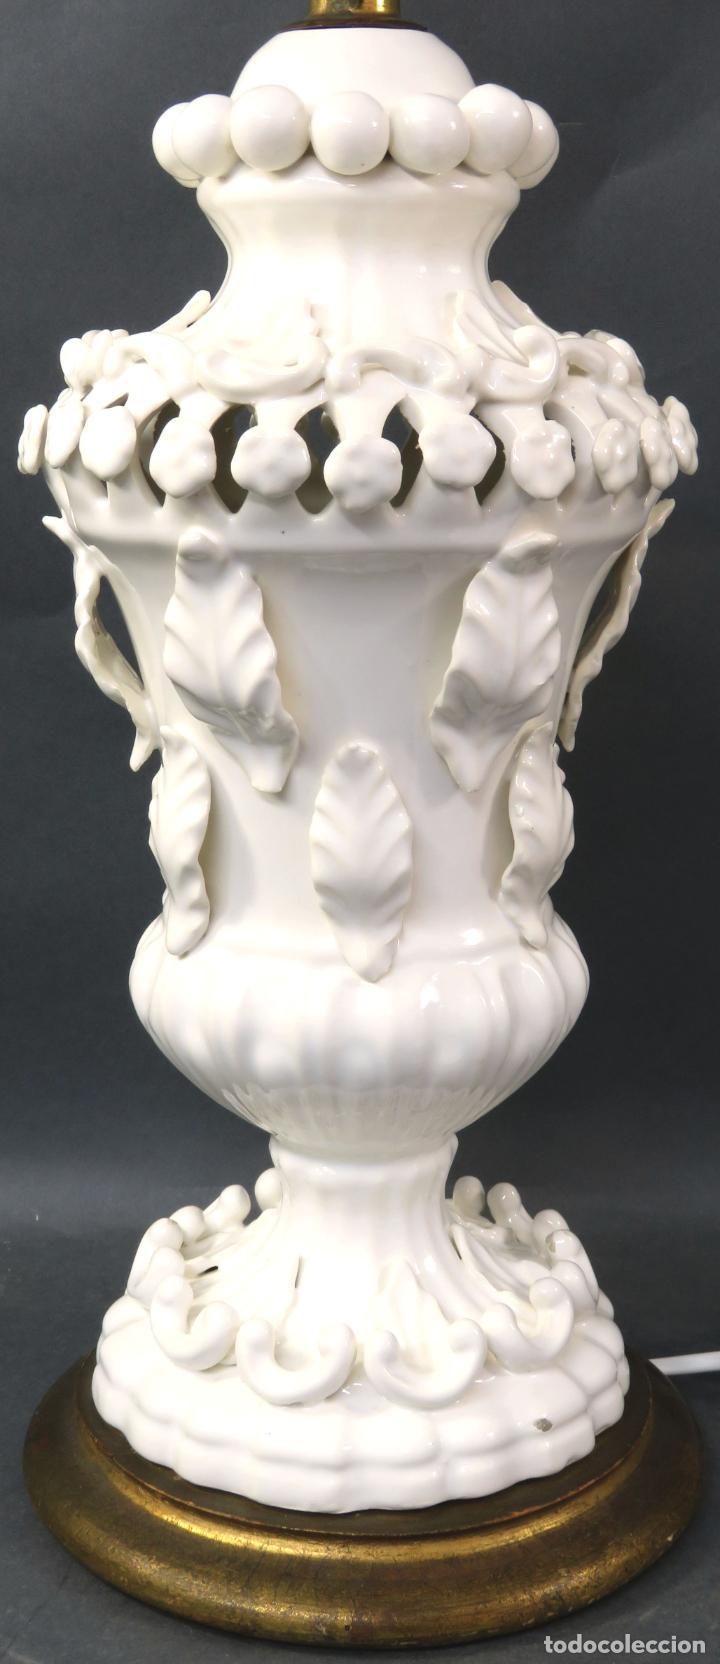 Antigüedades: Lámpara en cerámica esmaltada blanca Manises con relieves vegetales y base de madera dorada siglo XX - Foto 3 - 195400391